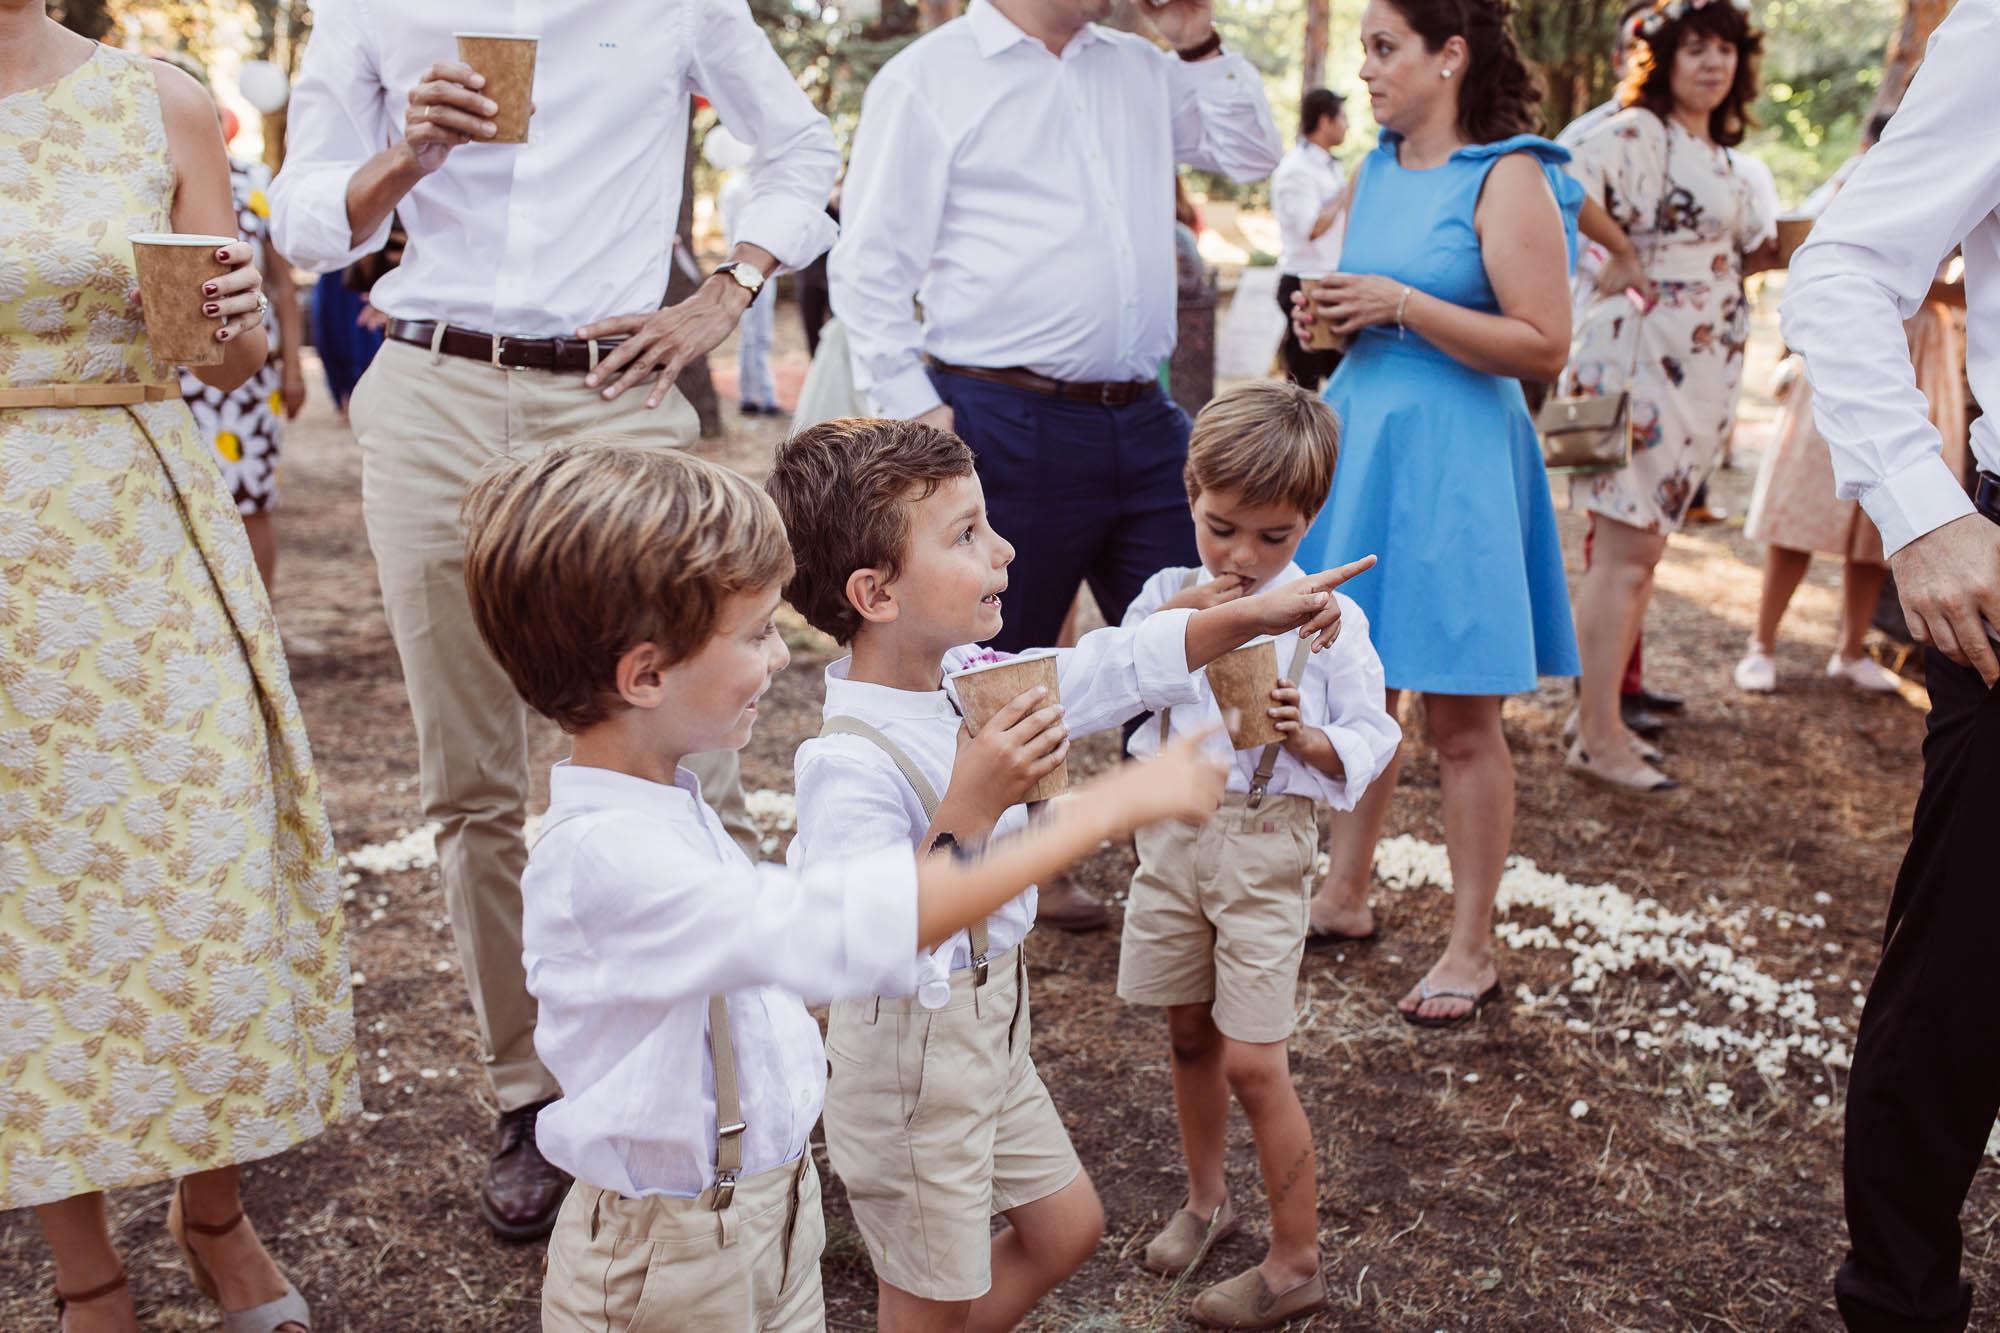 Los niños juegan divertidos durante la fiesta